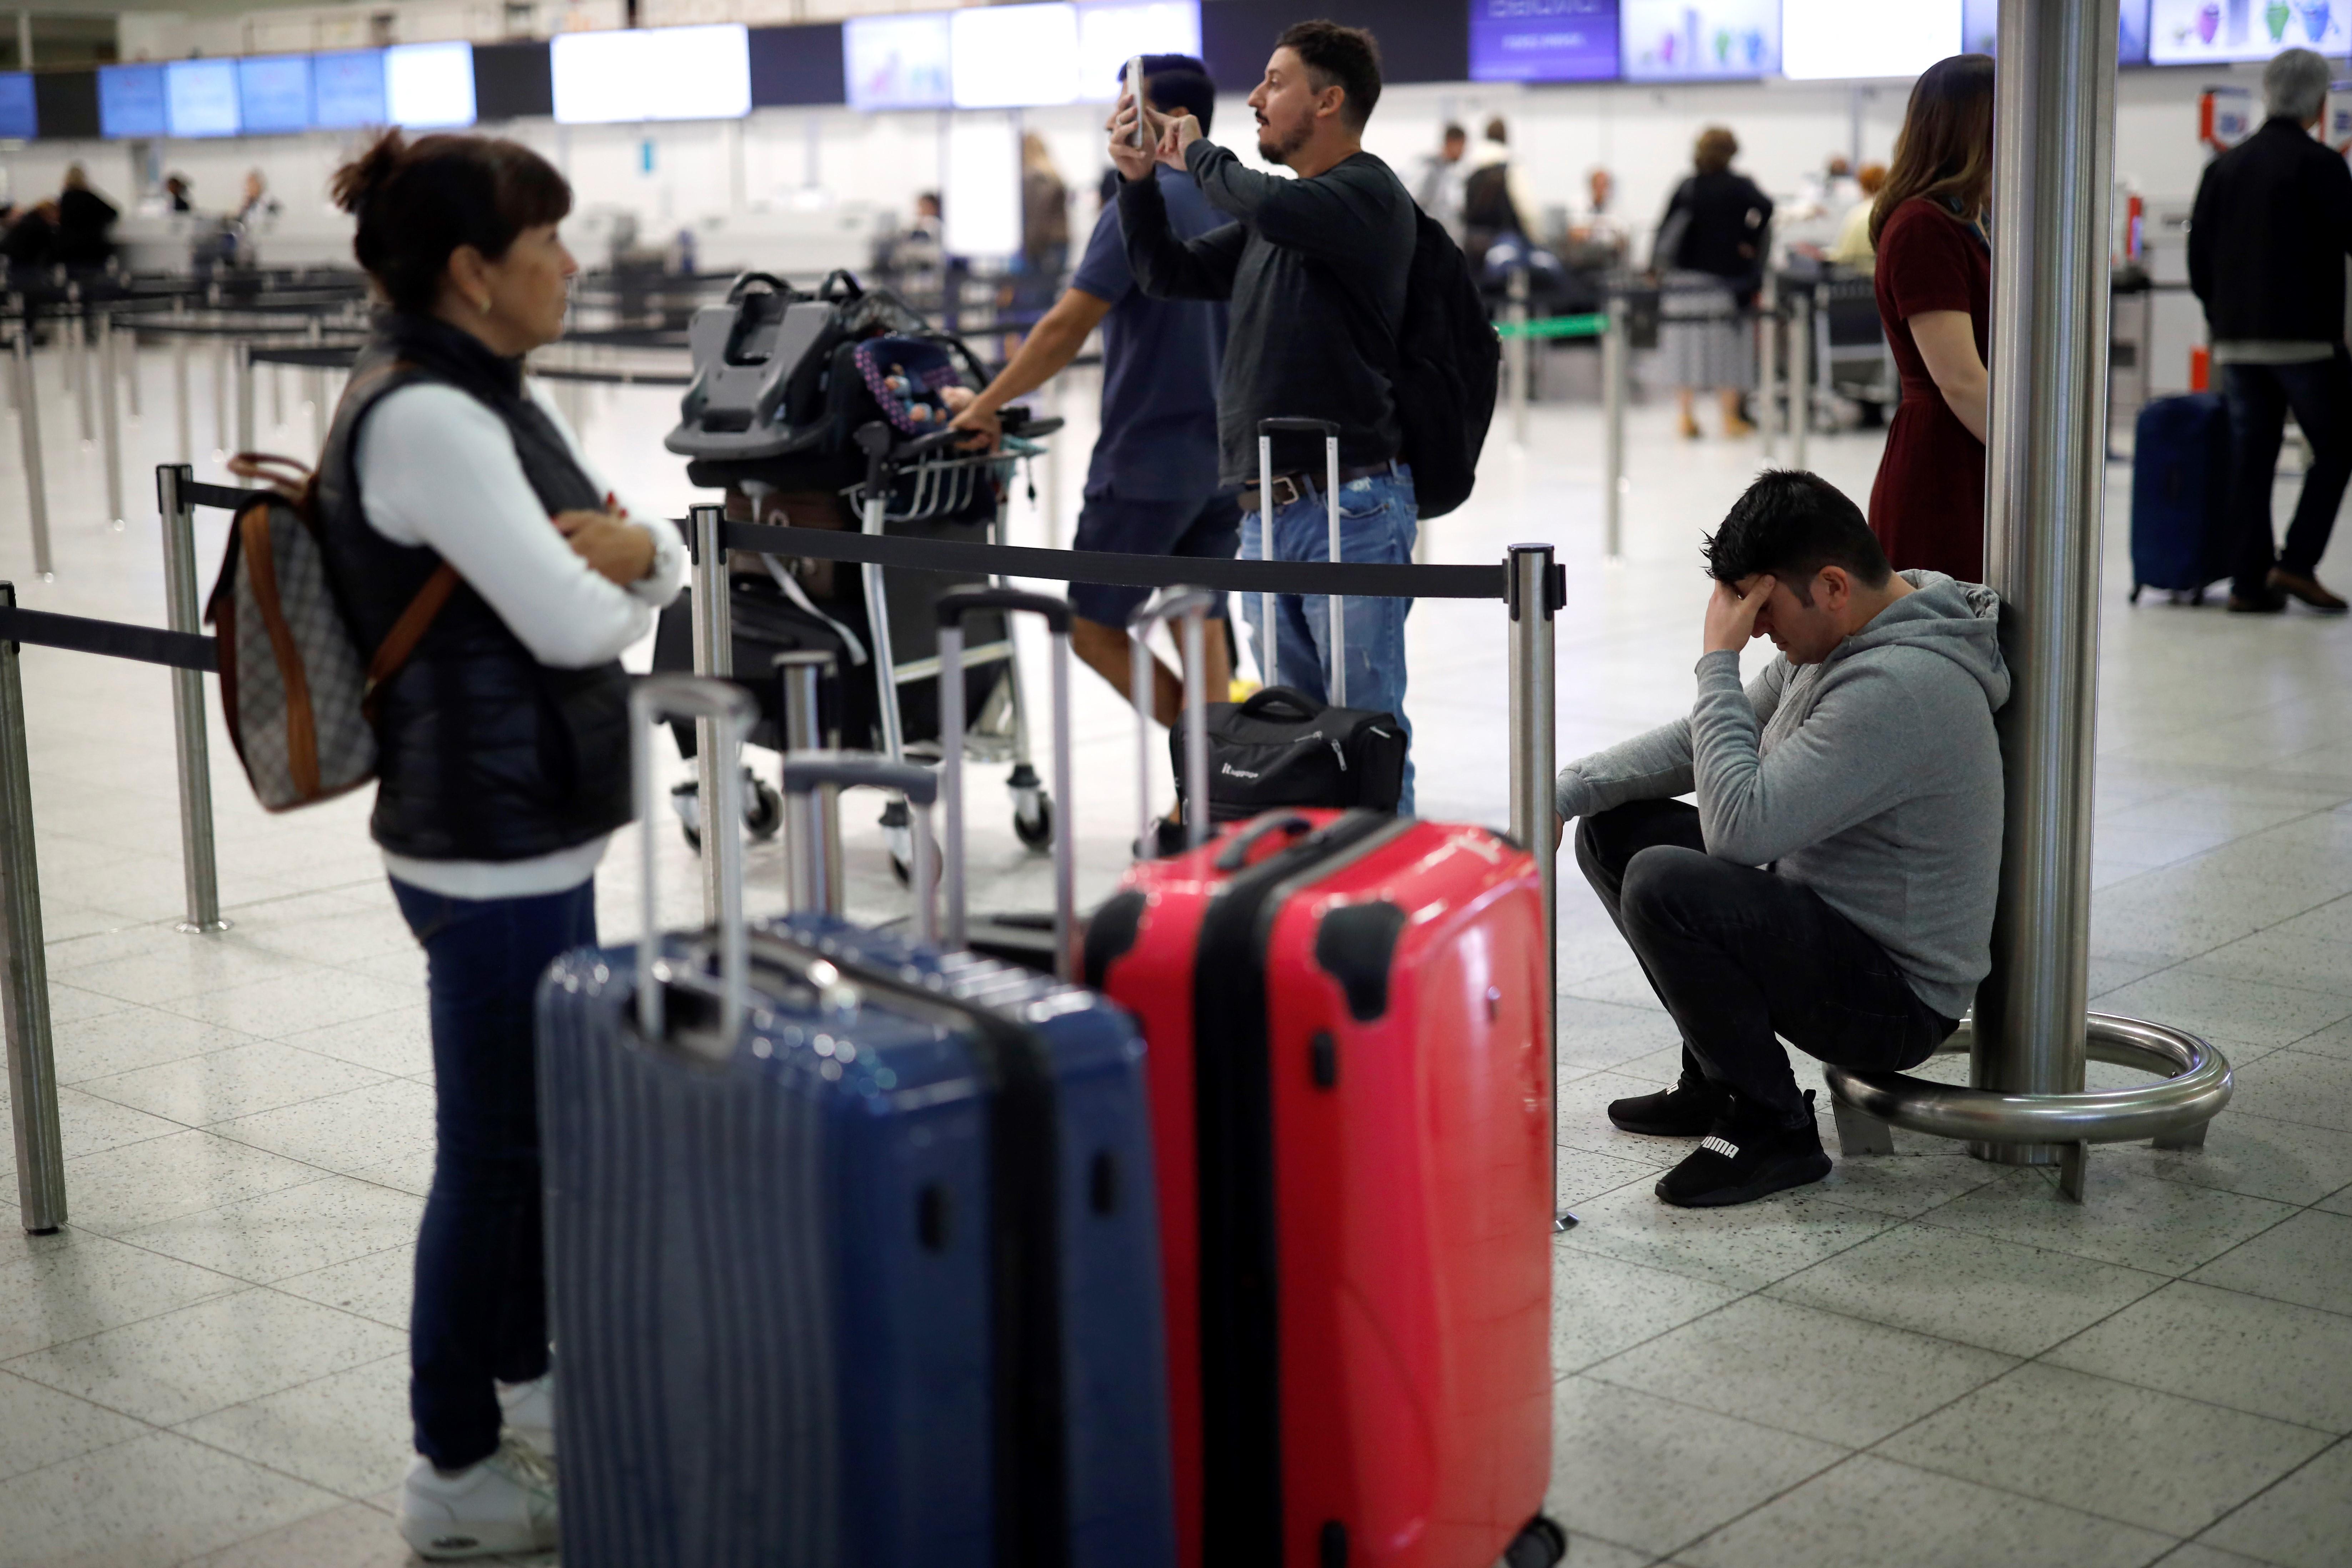 Mientras algunos no podían regresar de sus destinos, otros en el aeropuerto de Londres no podían iniciar sus ansiadas vacaciones